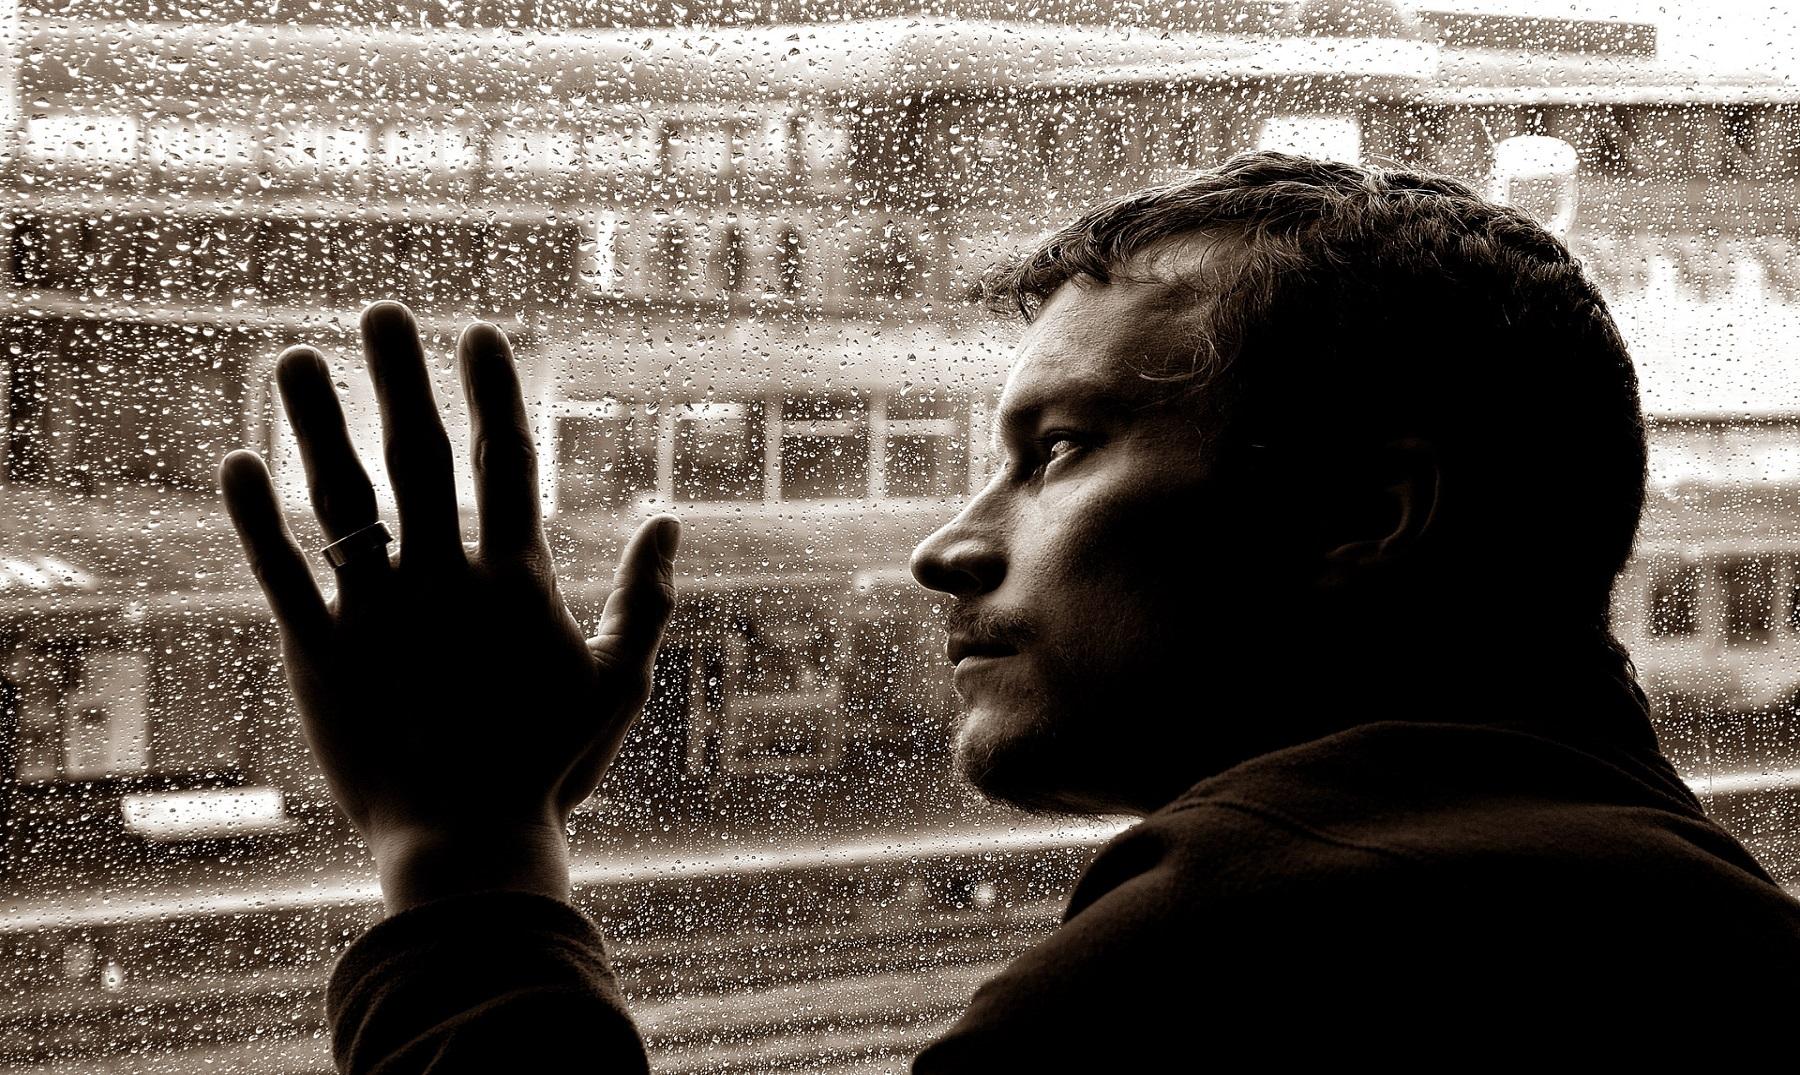 william james sidis, retrato de hombre ilustrando tristeza